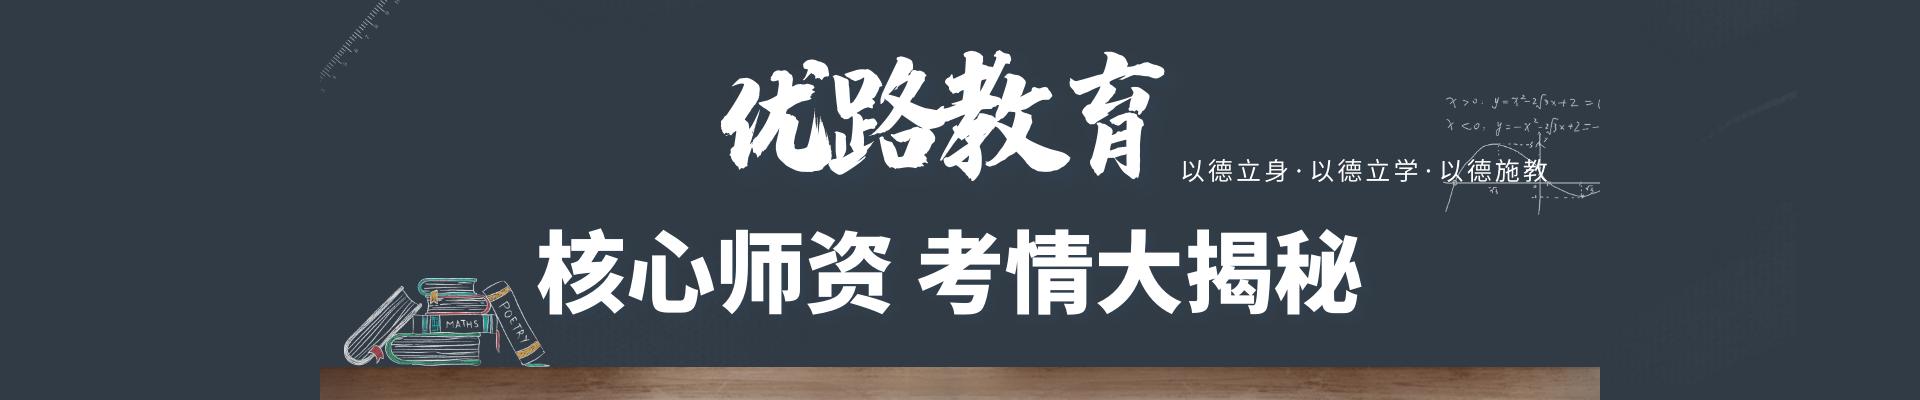 四川凉山州优路教育培训学校